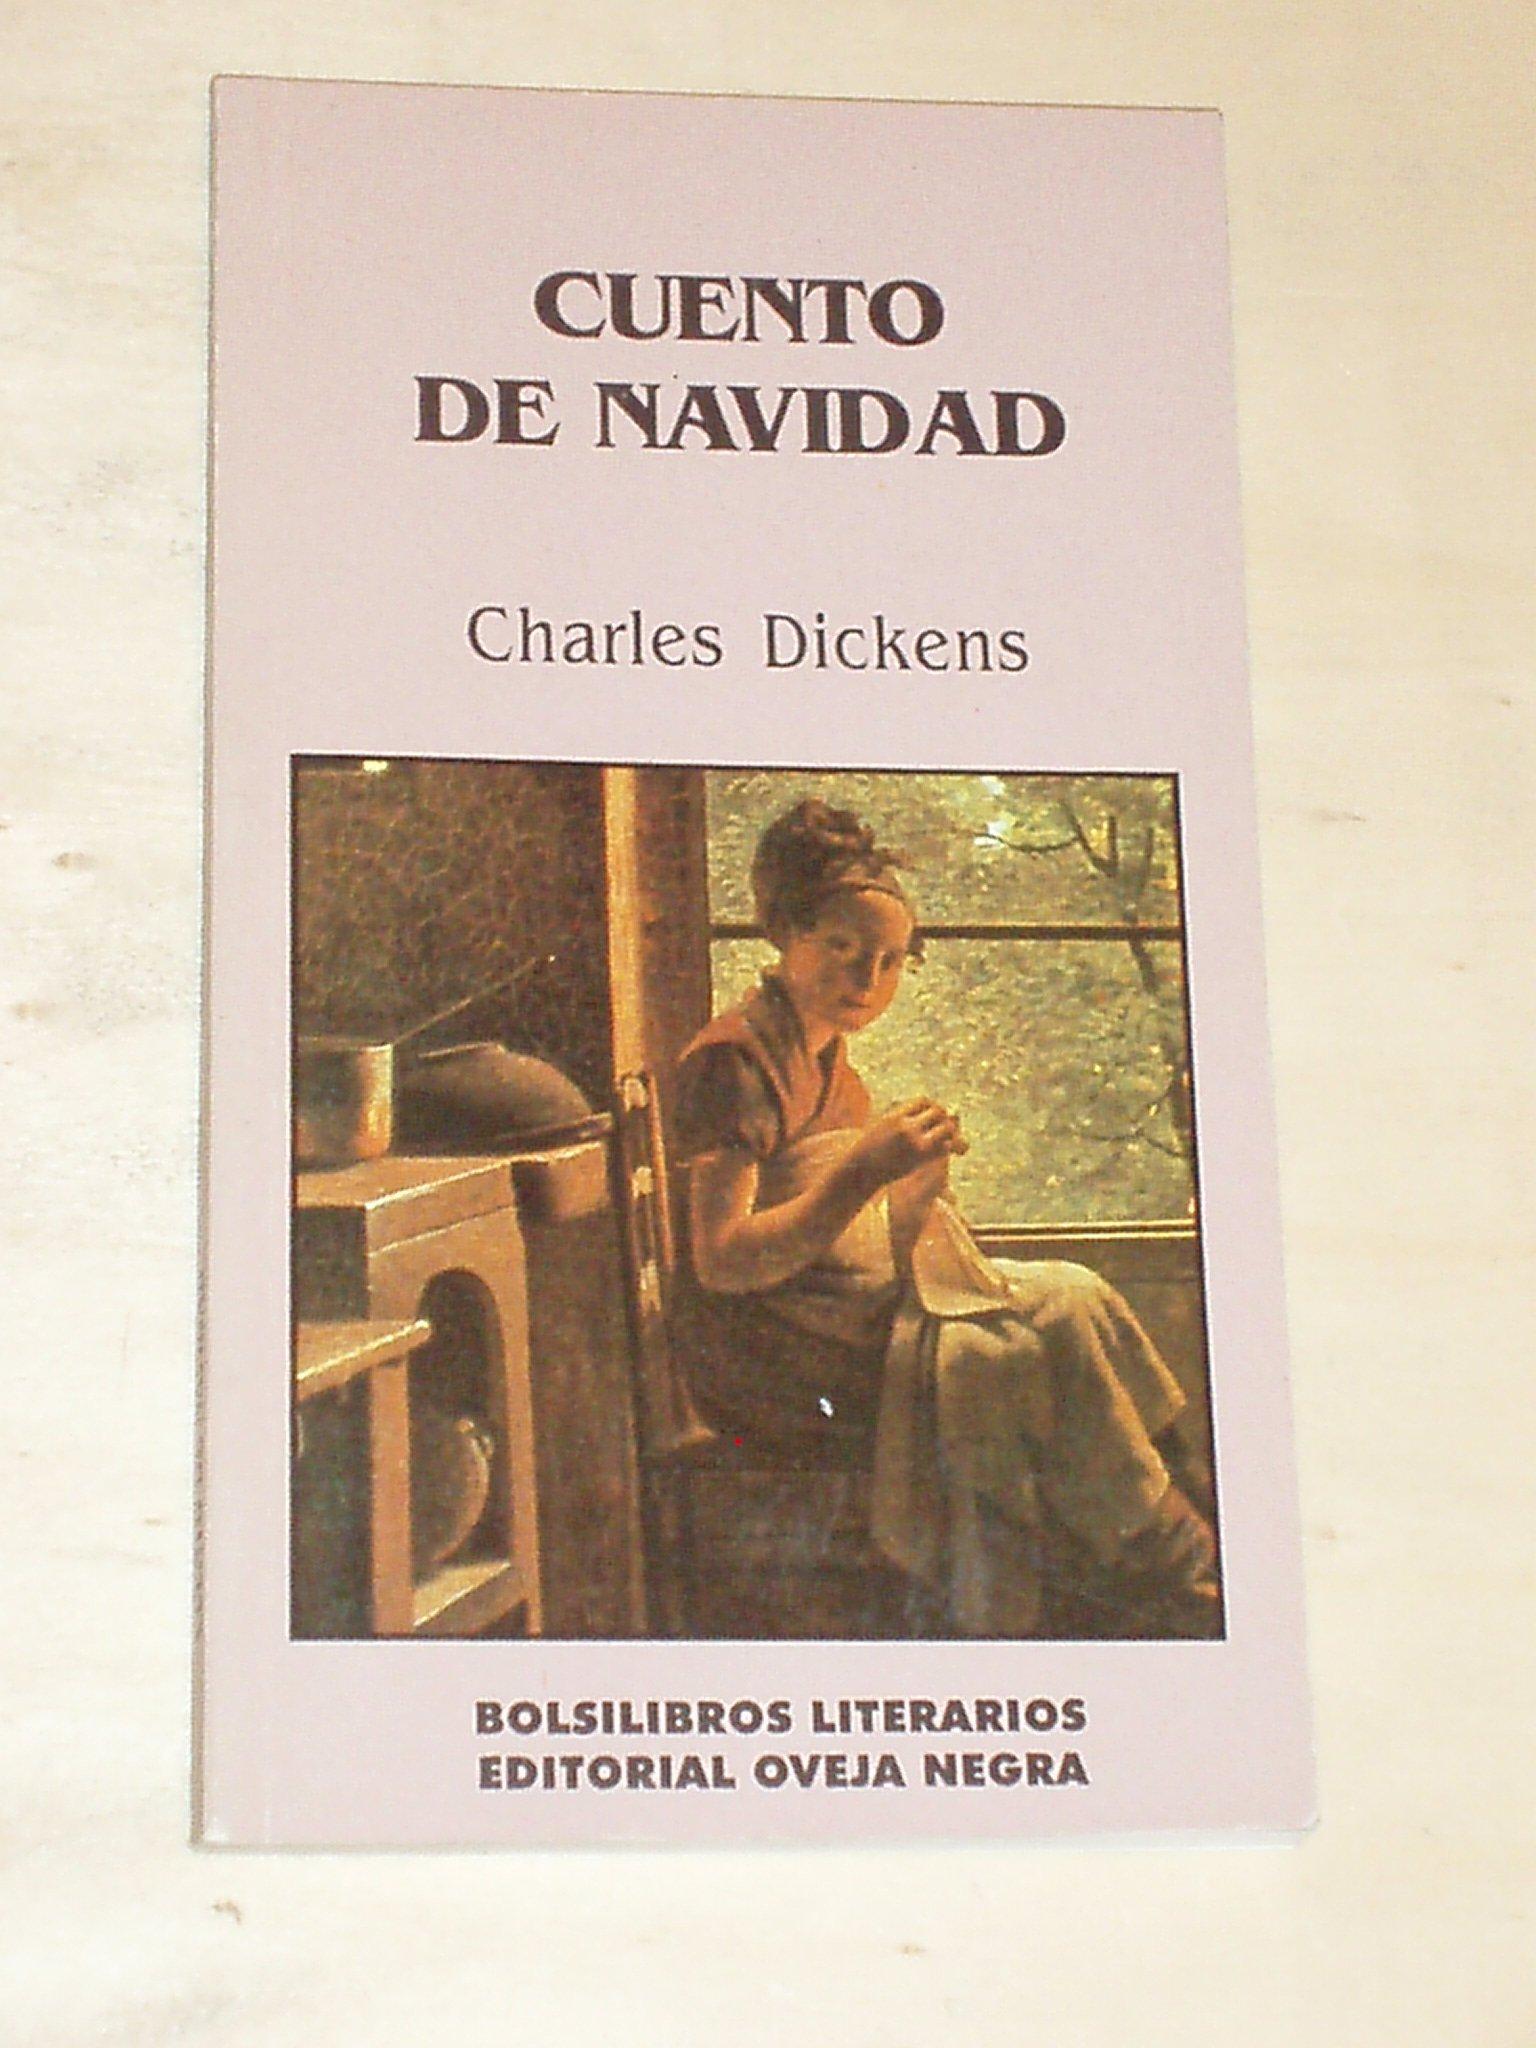 Cuento de navidad: Amazon.es: Charles Dickens: Libros